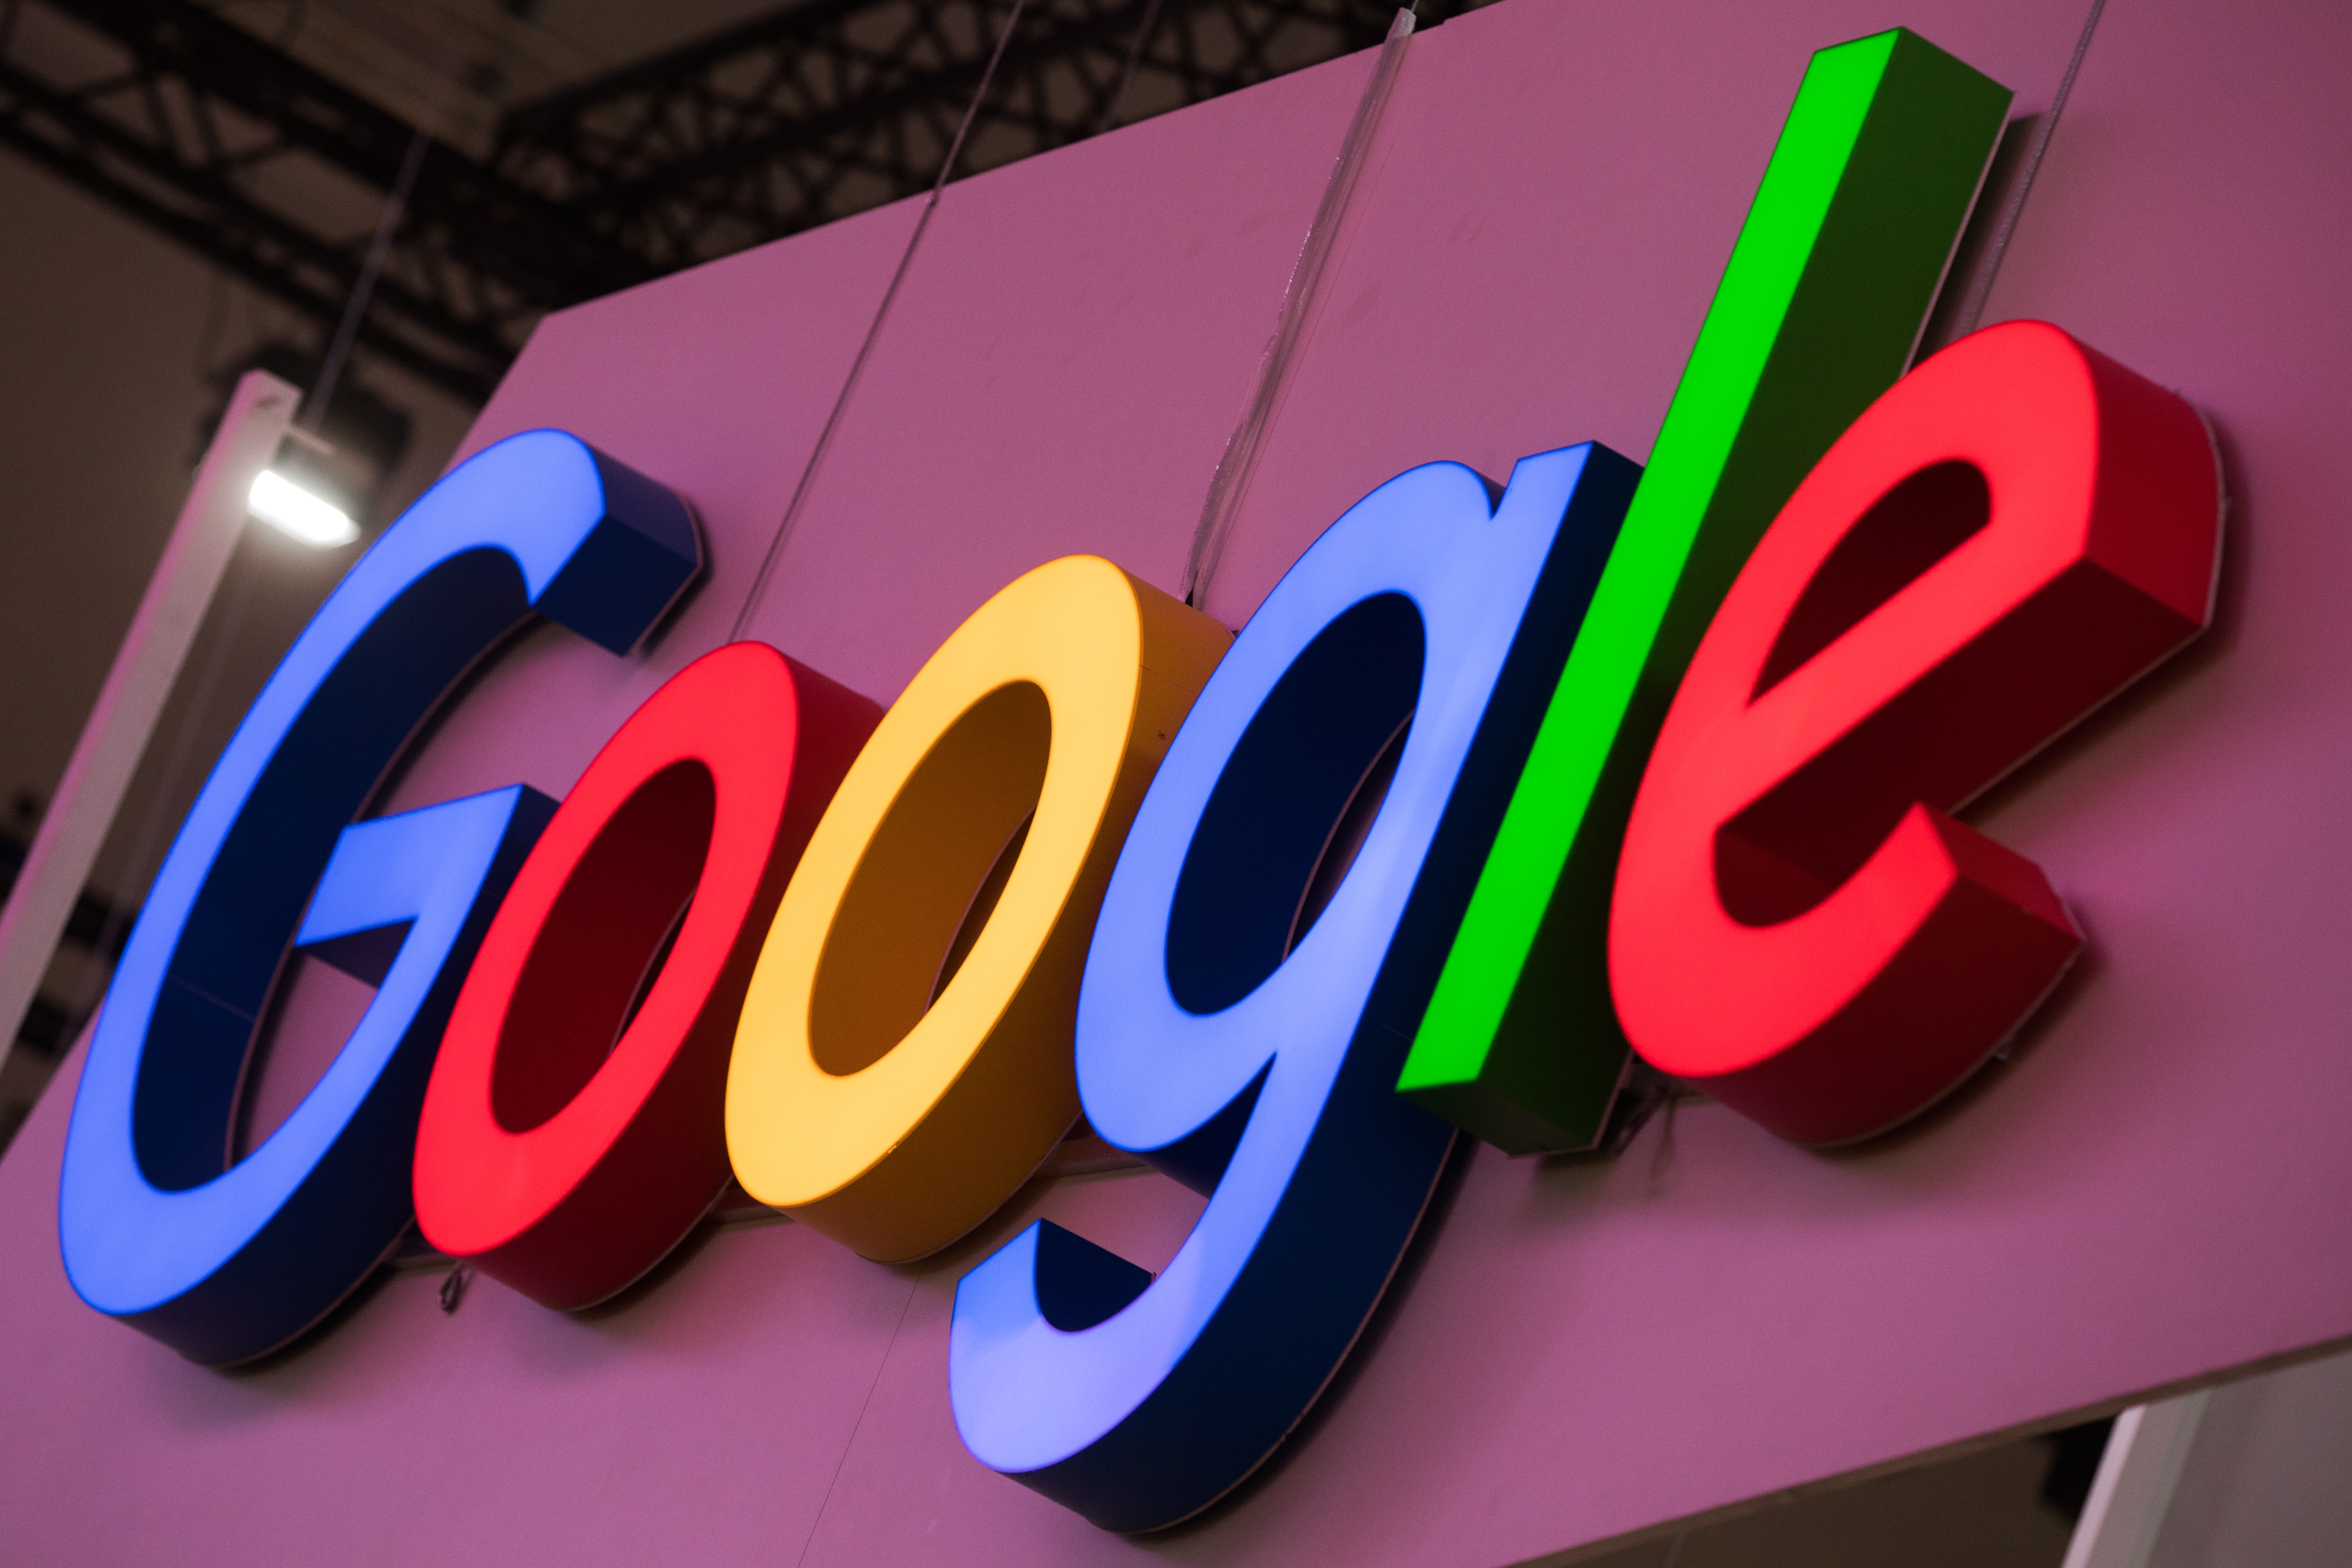 A Google kínai keresőmotorja összeköti az állampolgárok kereséseit a telefonszámukkal